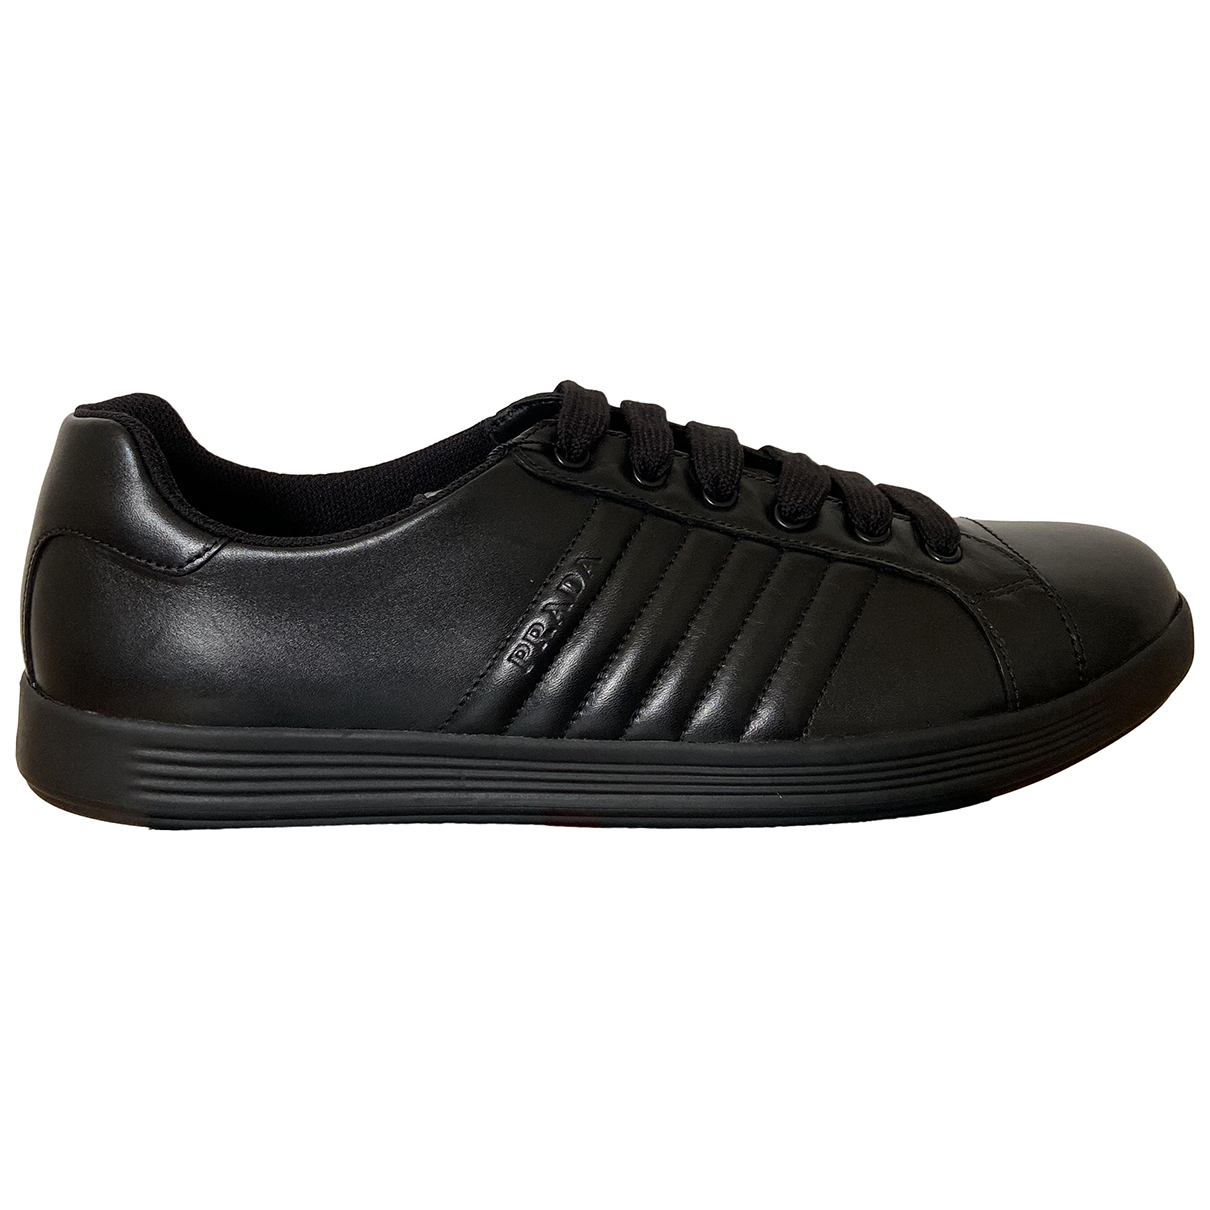 Prada - Baskets   pour homme en cuir - noir